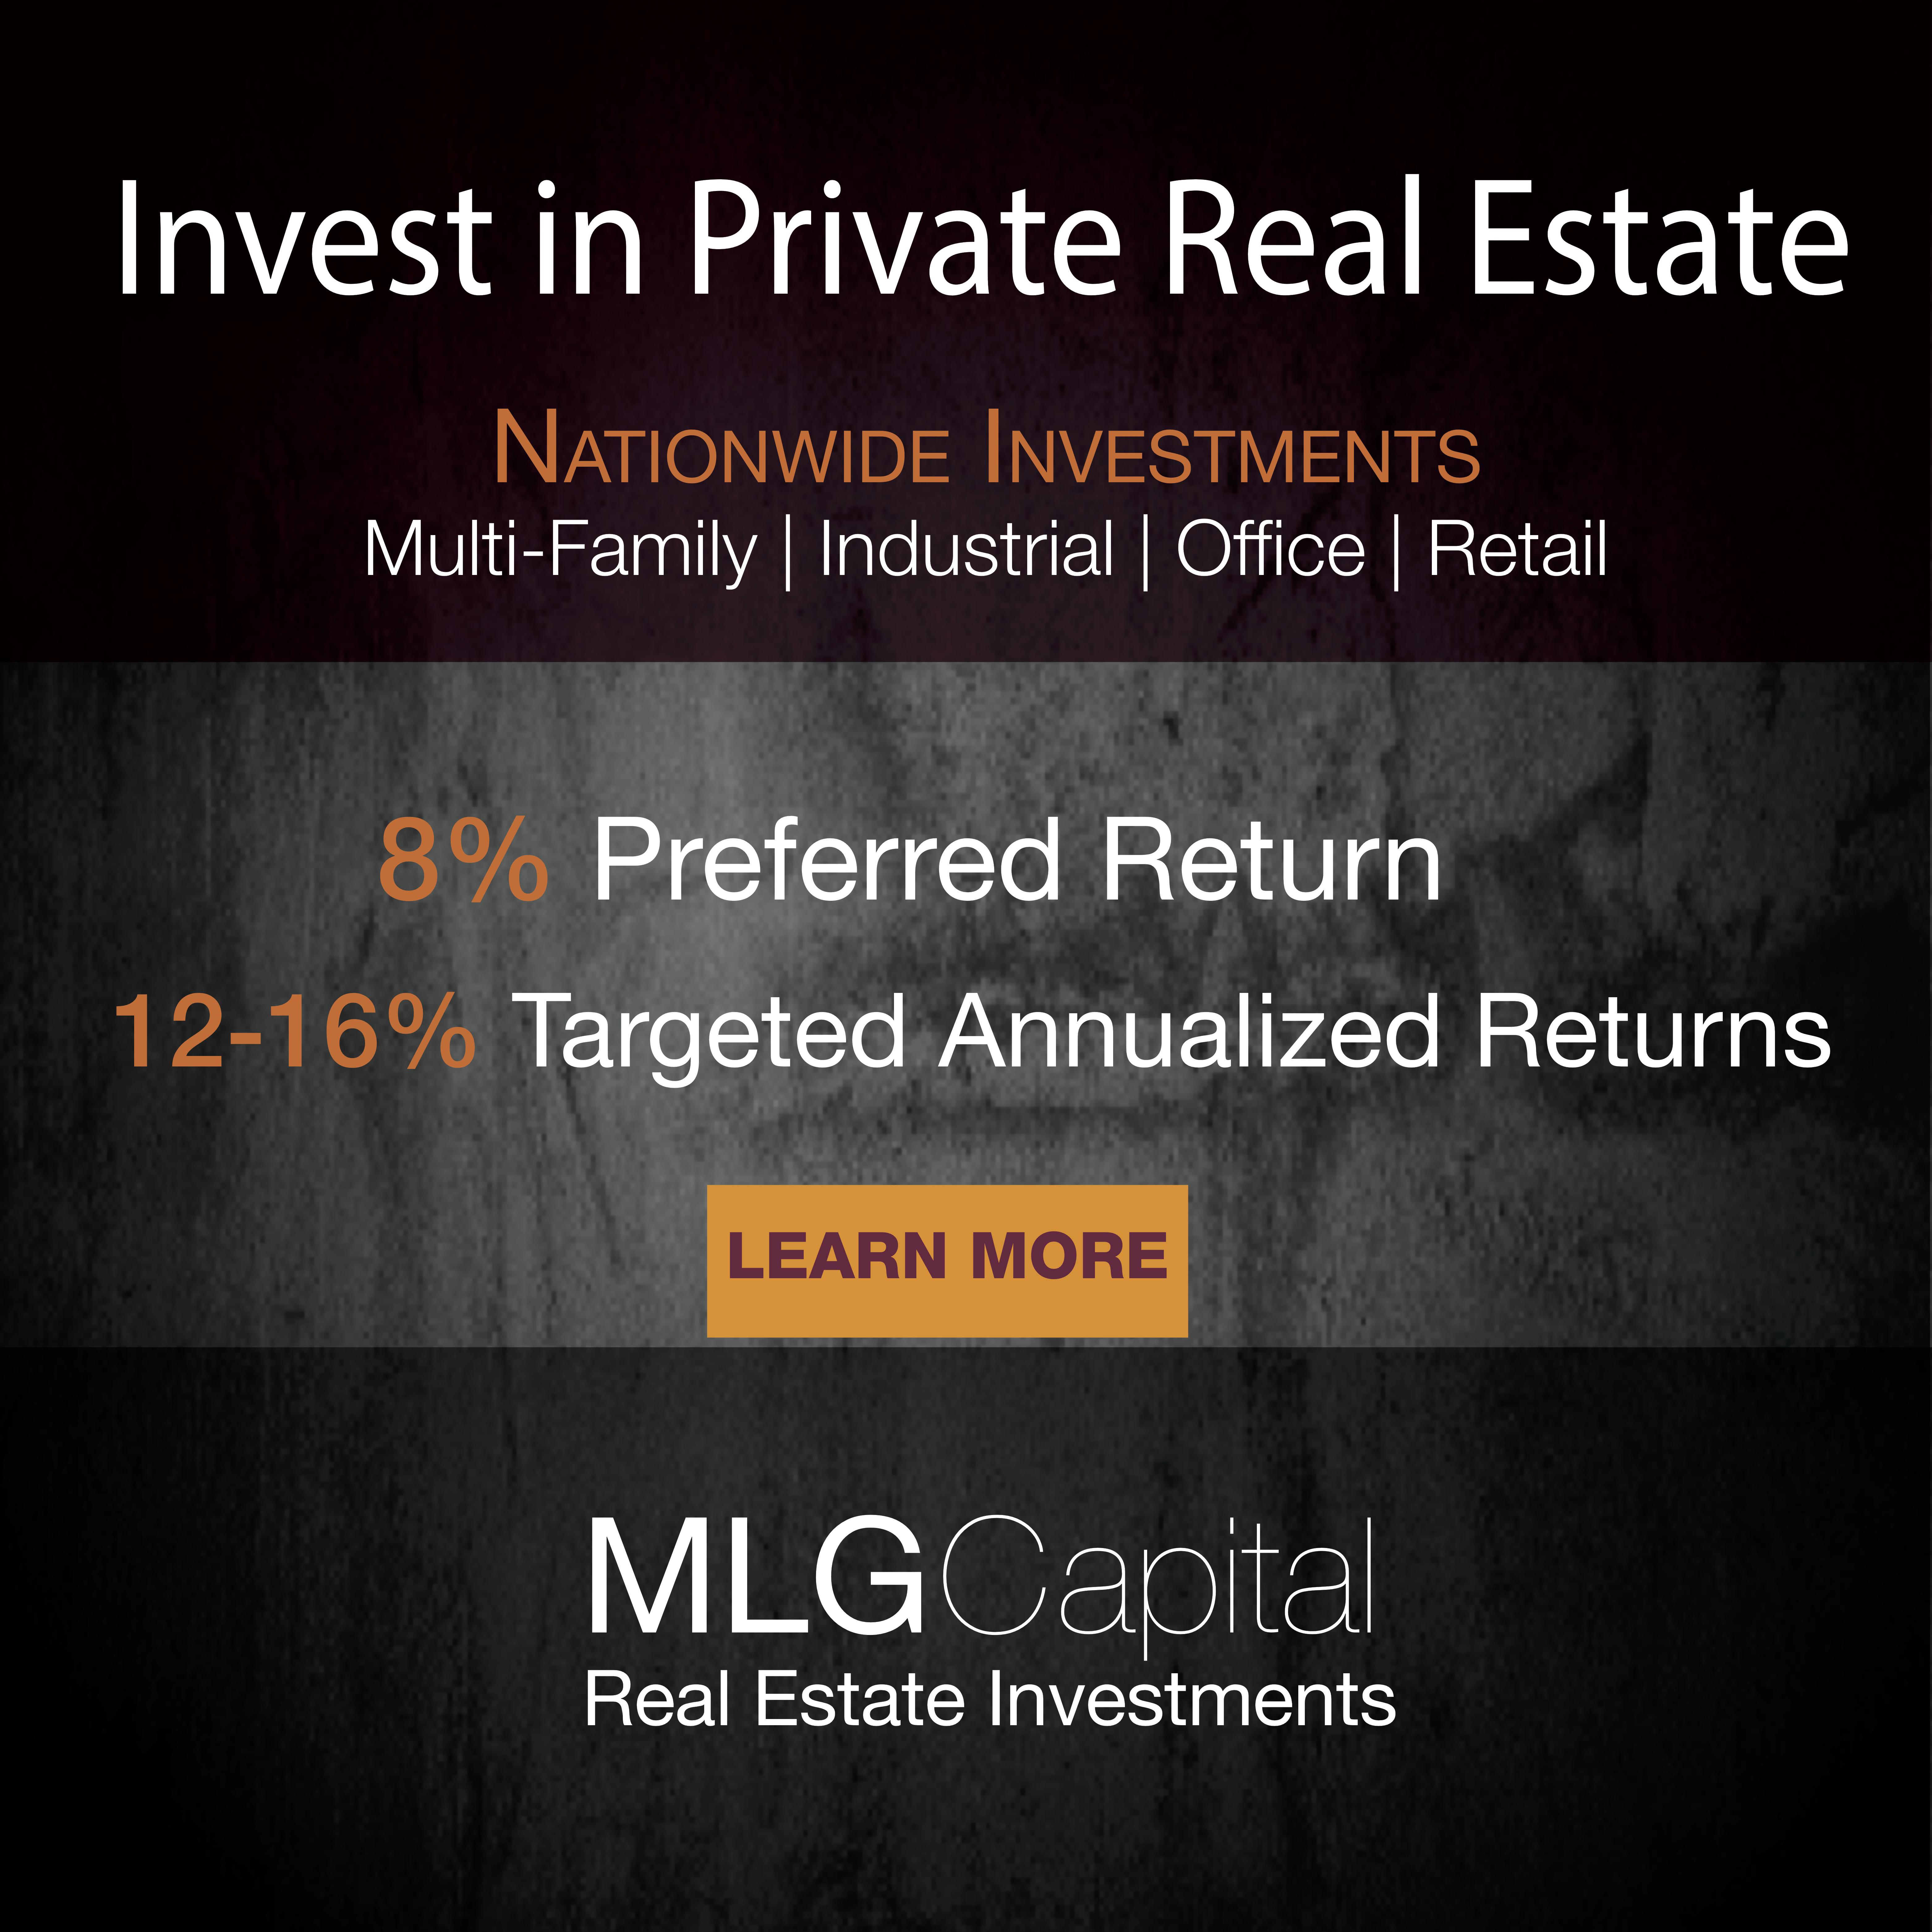 MLG capital invierte en bienes inmuebles privados